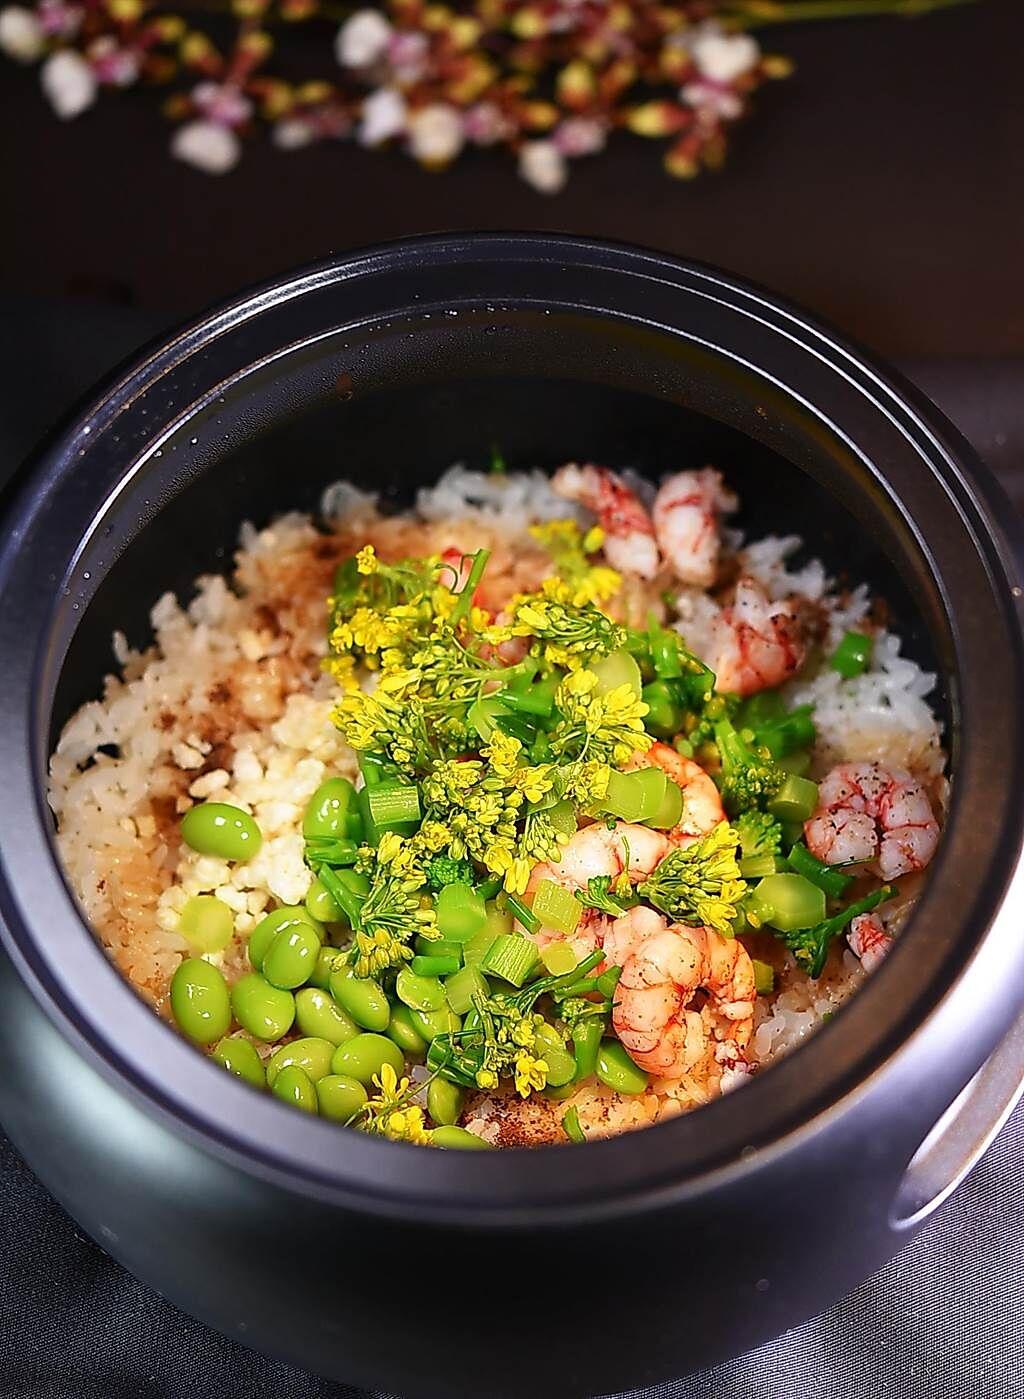 〈飛花落院〉的〈季節野菜釜飯〉,透過食材搭配,顏色也「非常春天」、引人食慾。(圖/姚舜)